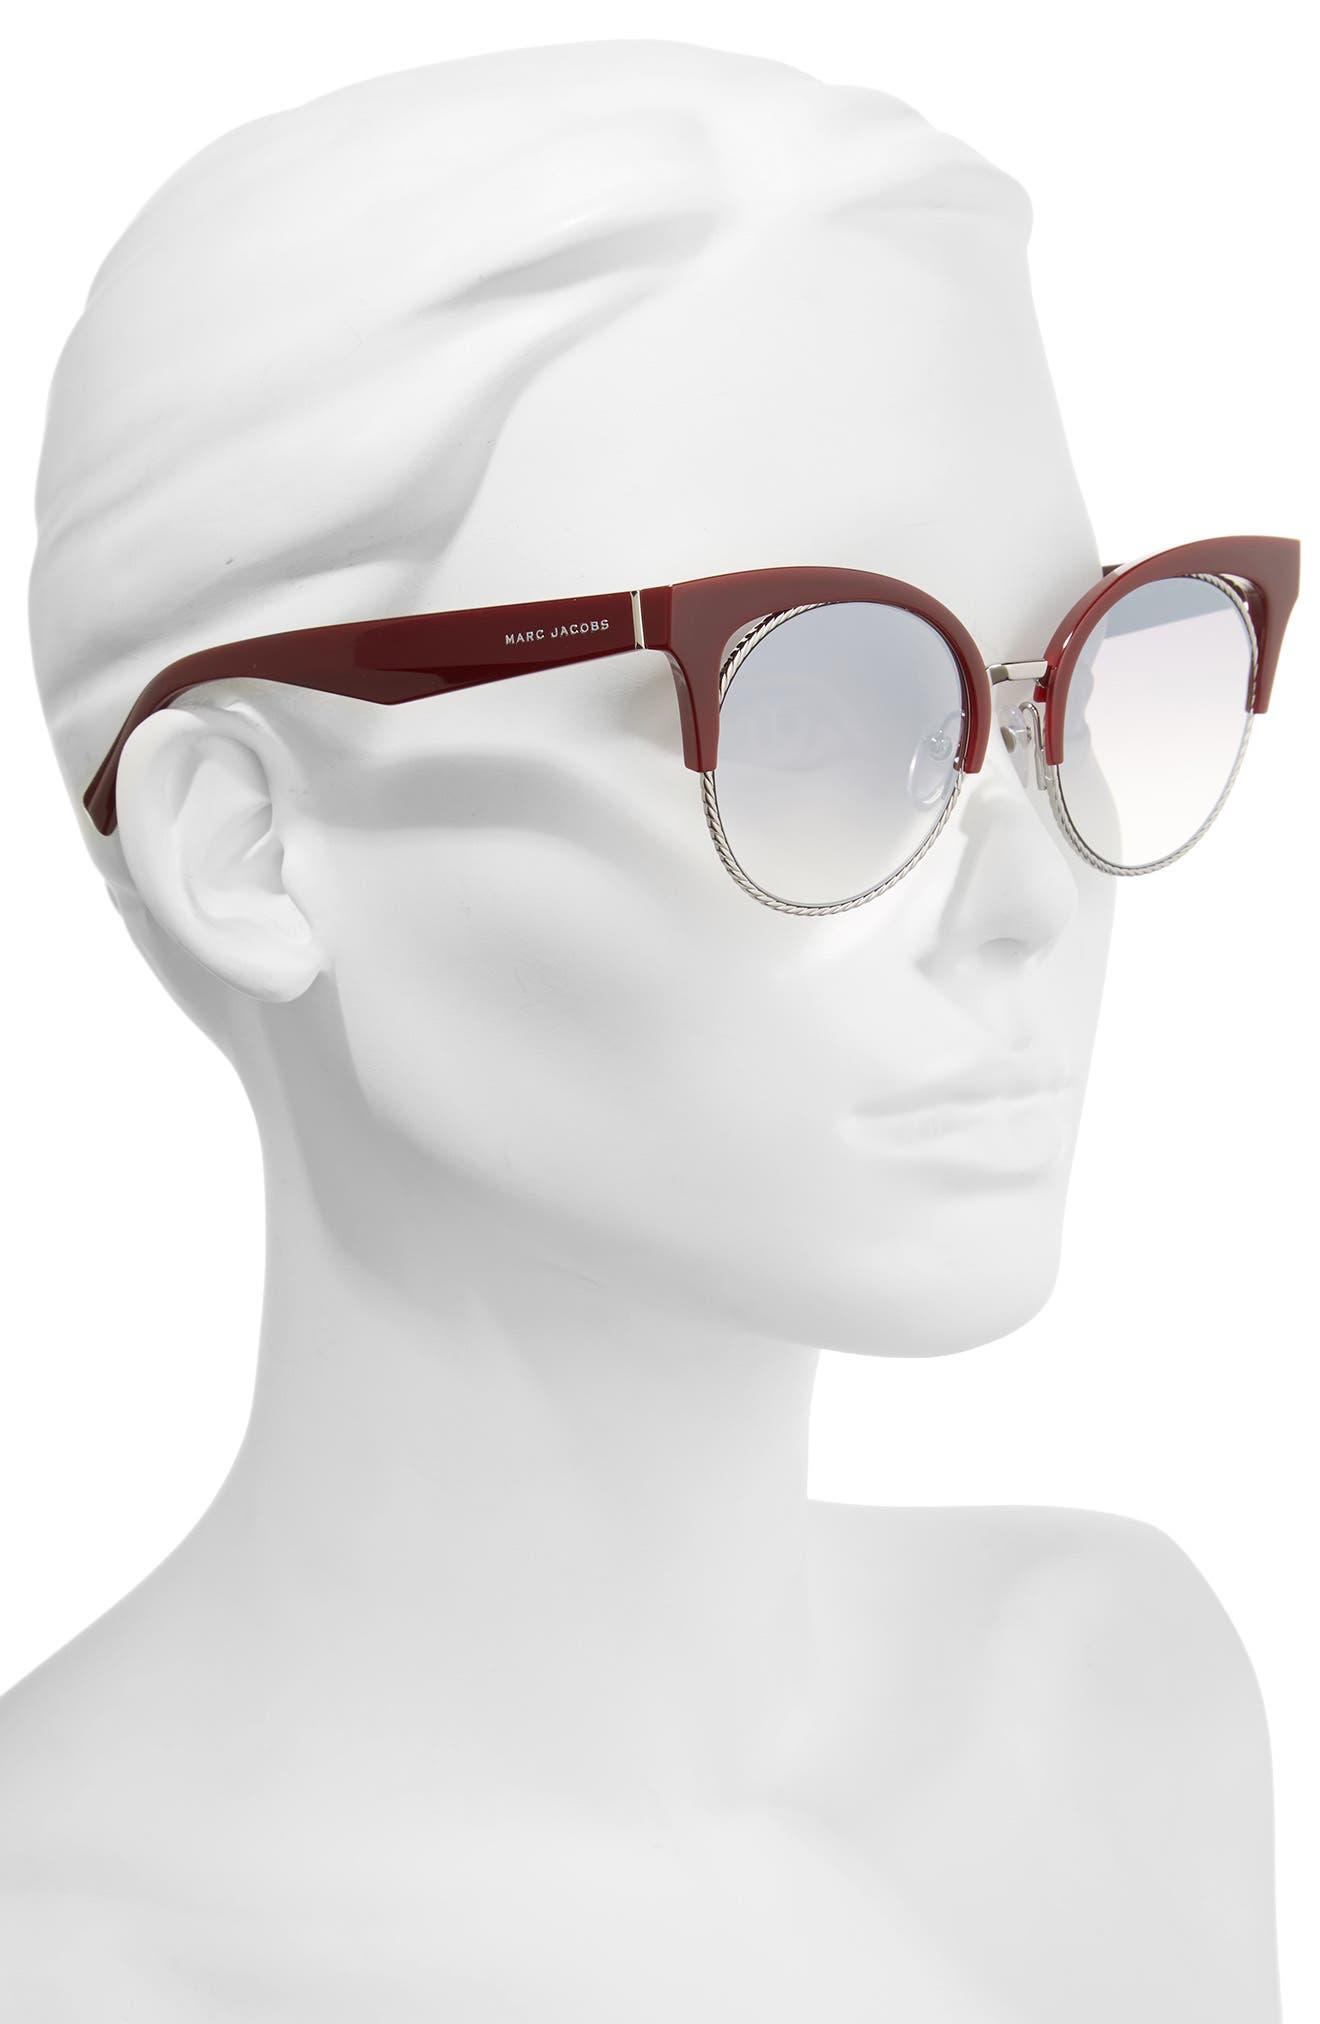 51mm Gradient Lens Cat Eye Sunglasses,                             Alternate thumbnail 2, color,                             Opal/ Burgundy